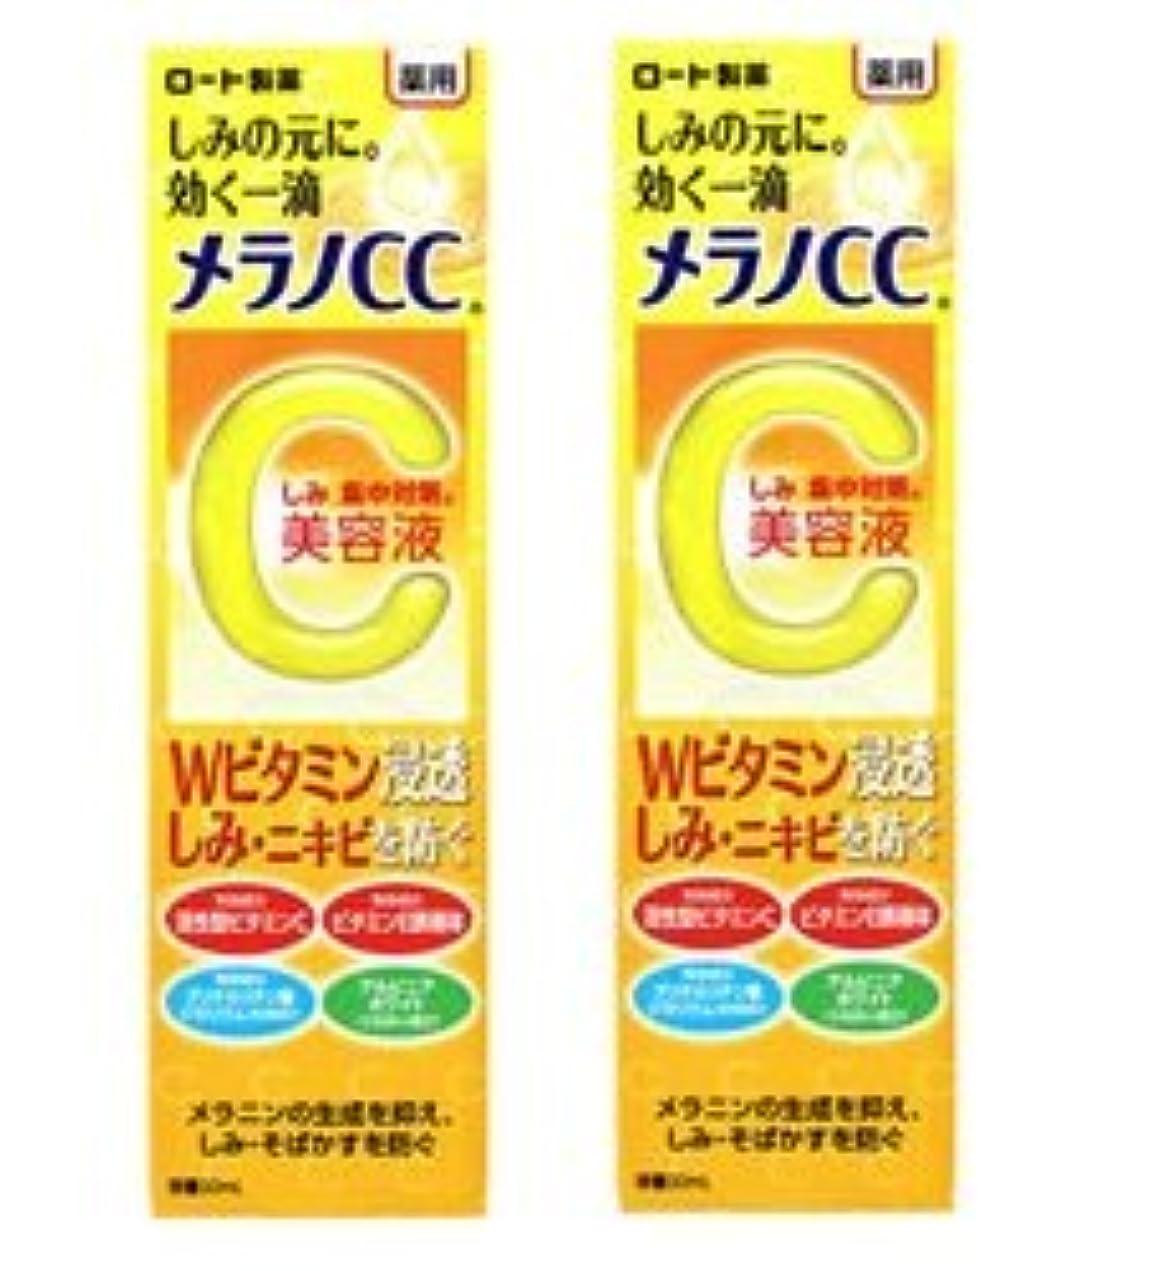 ロケット人類存在【2個セット】メラノCC 薬用しみ集中対策美容液 20ml